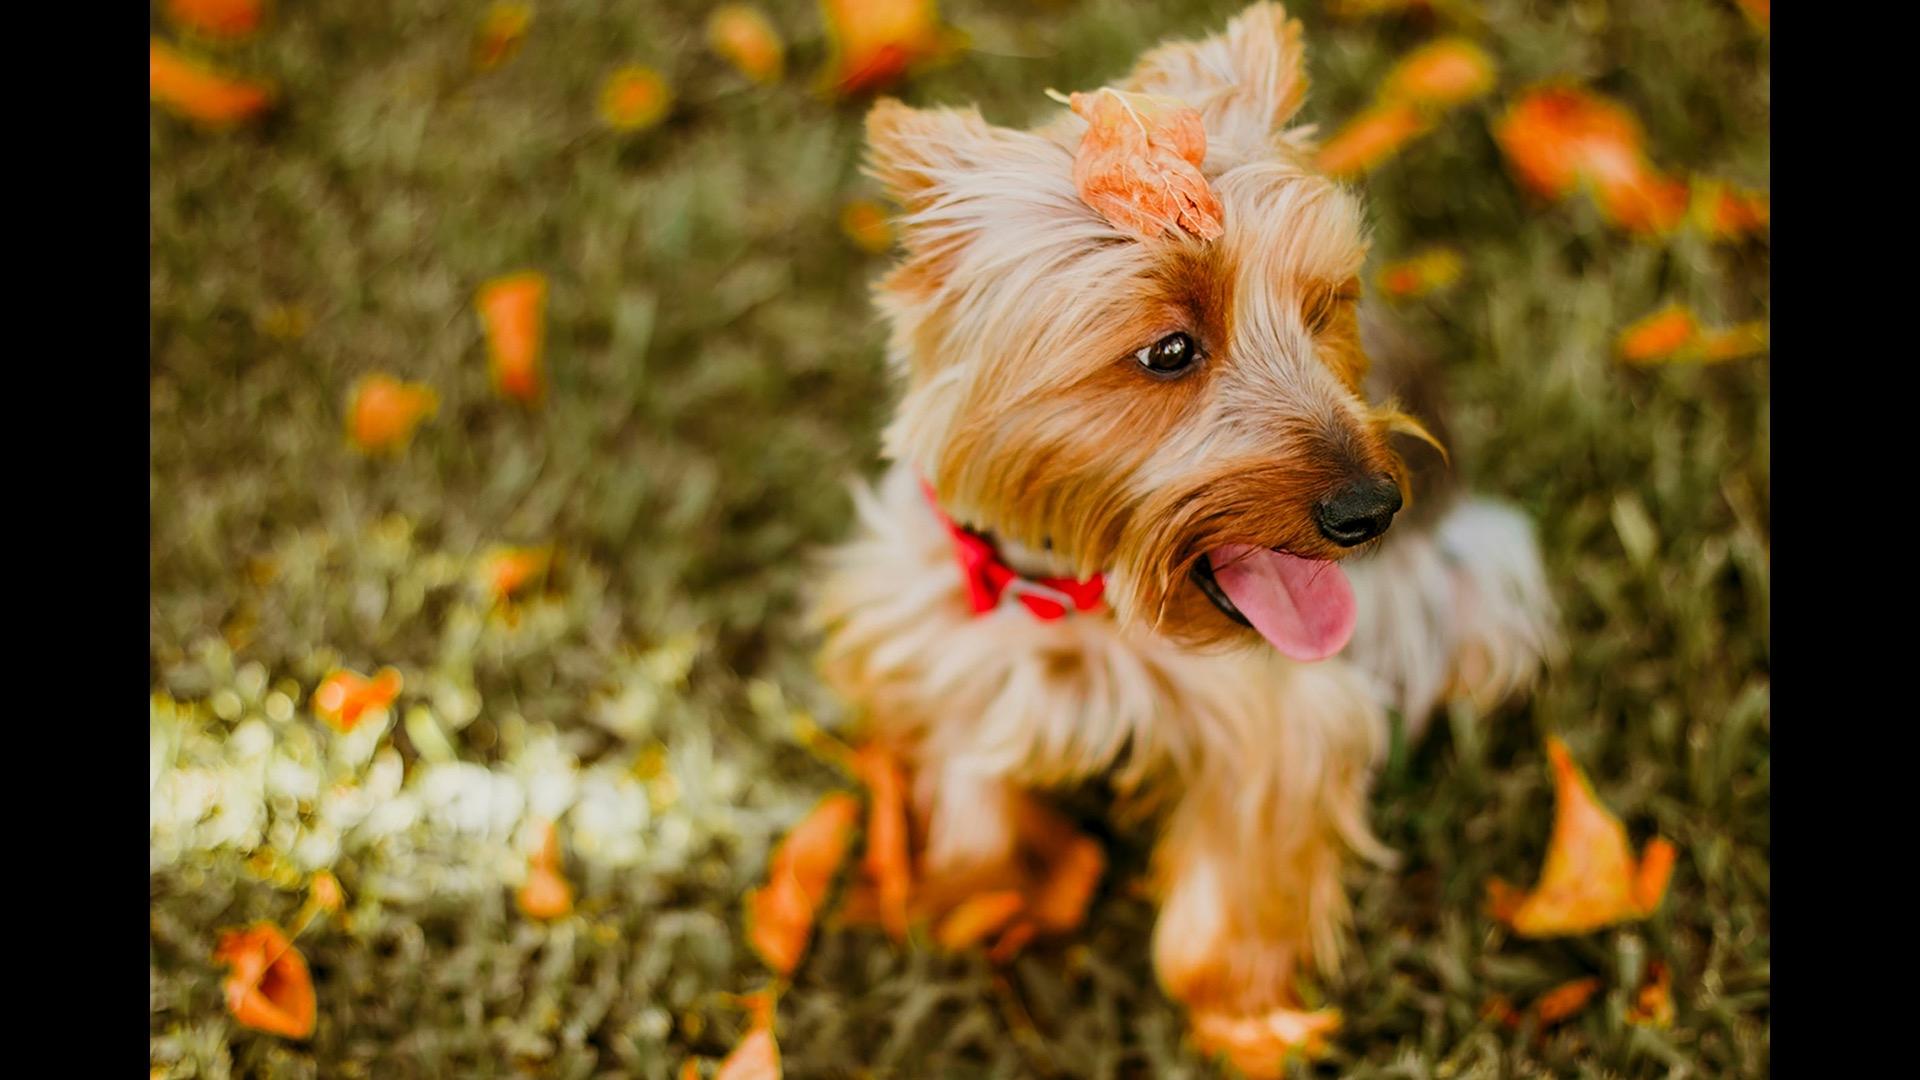 dog with leaf on head